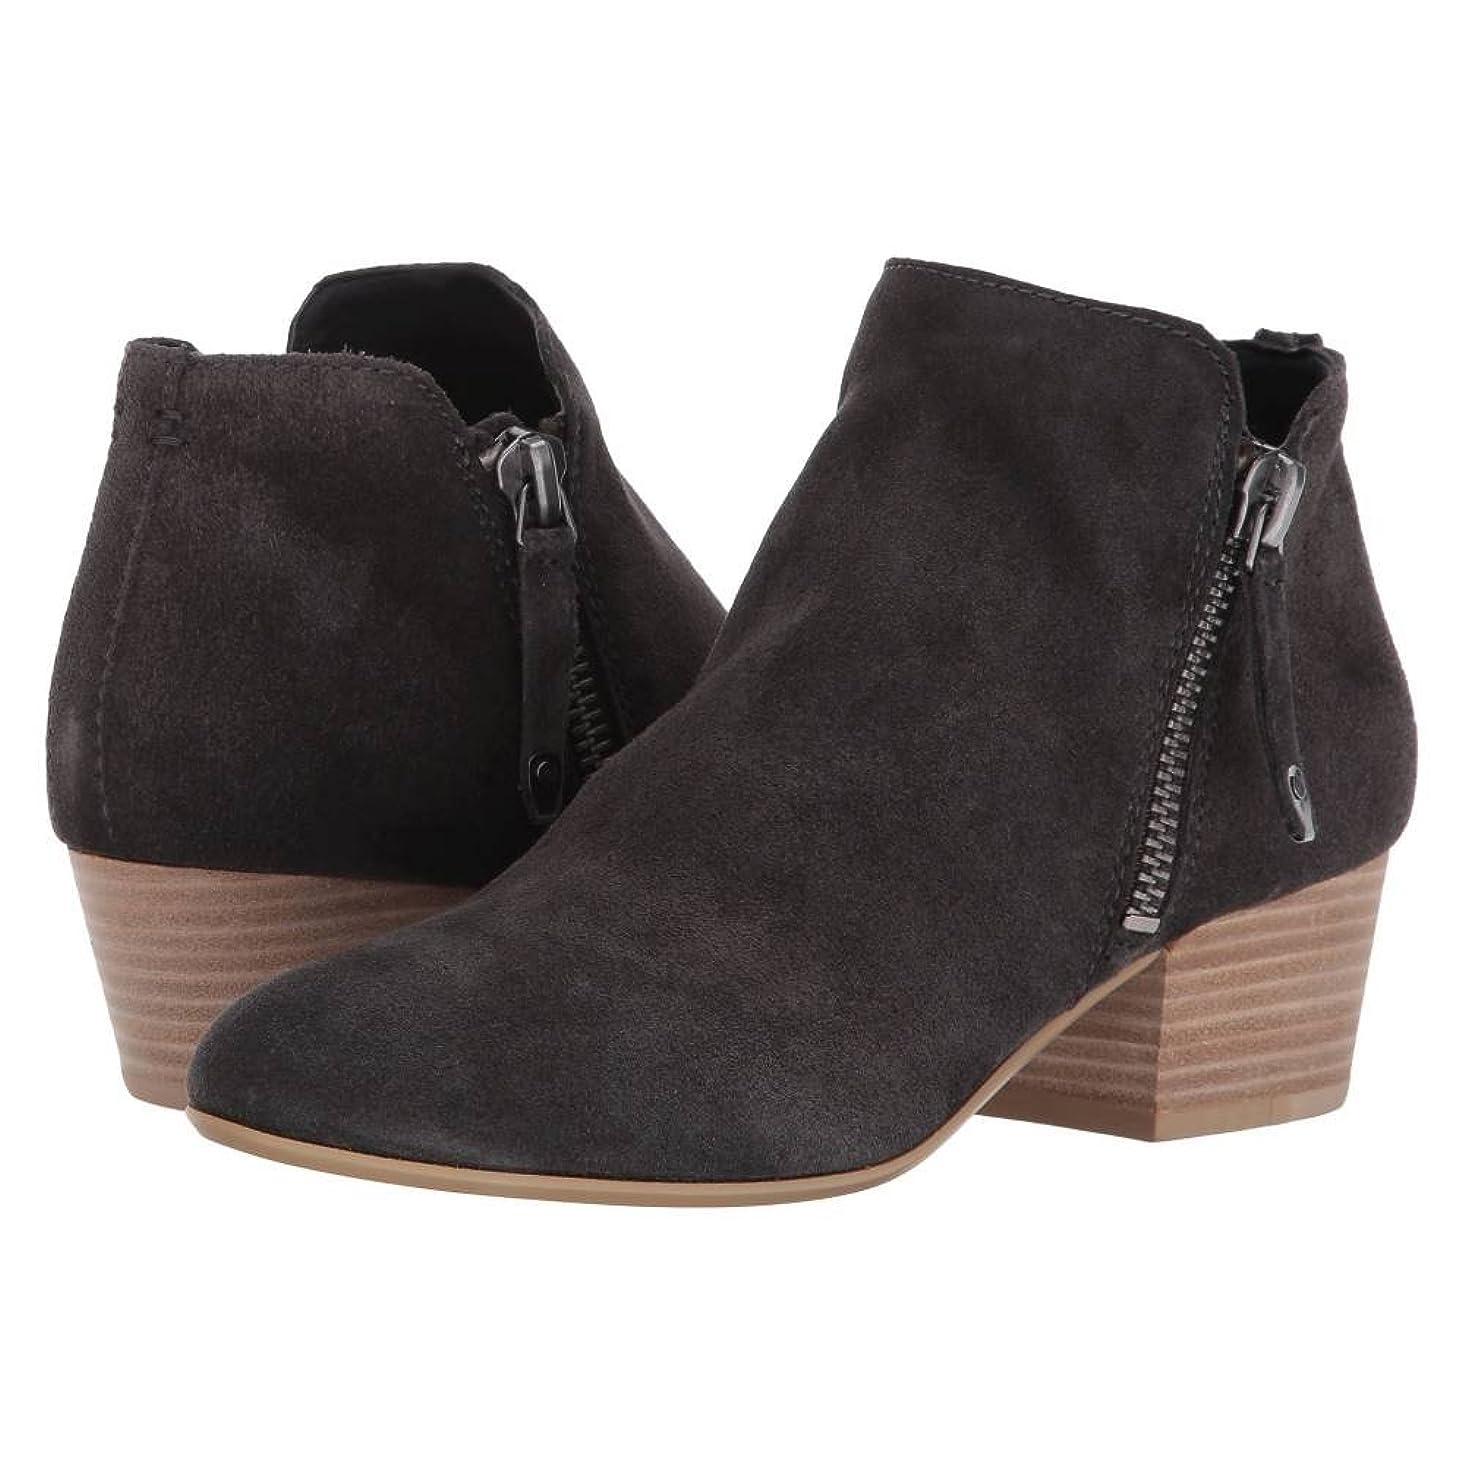 貨物上流の竜巻(ドルチェヴィータ) Dolce Vita レディース シューズ?靴 ブーツ Gertie 並行輸入品